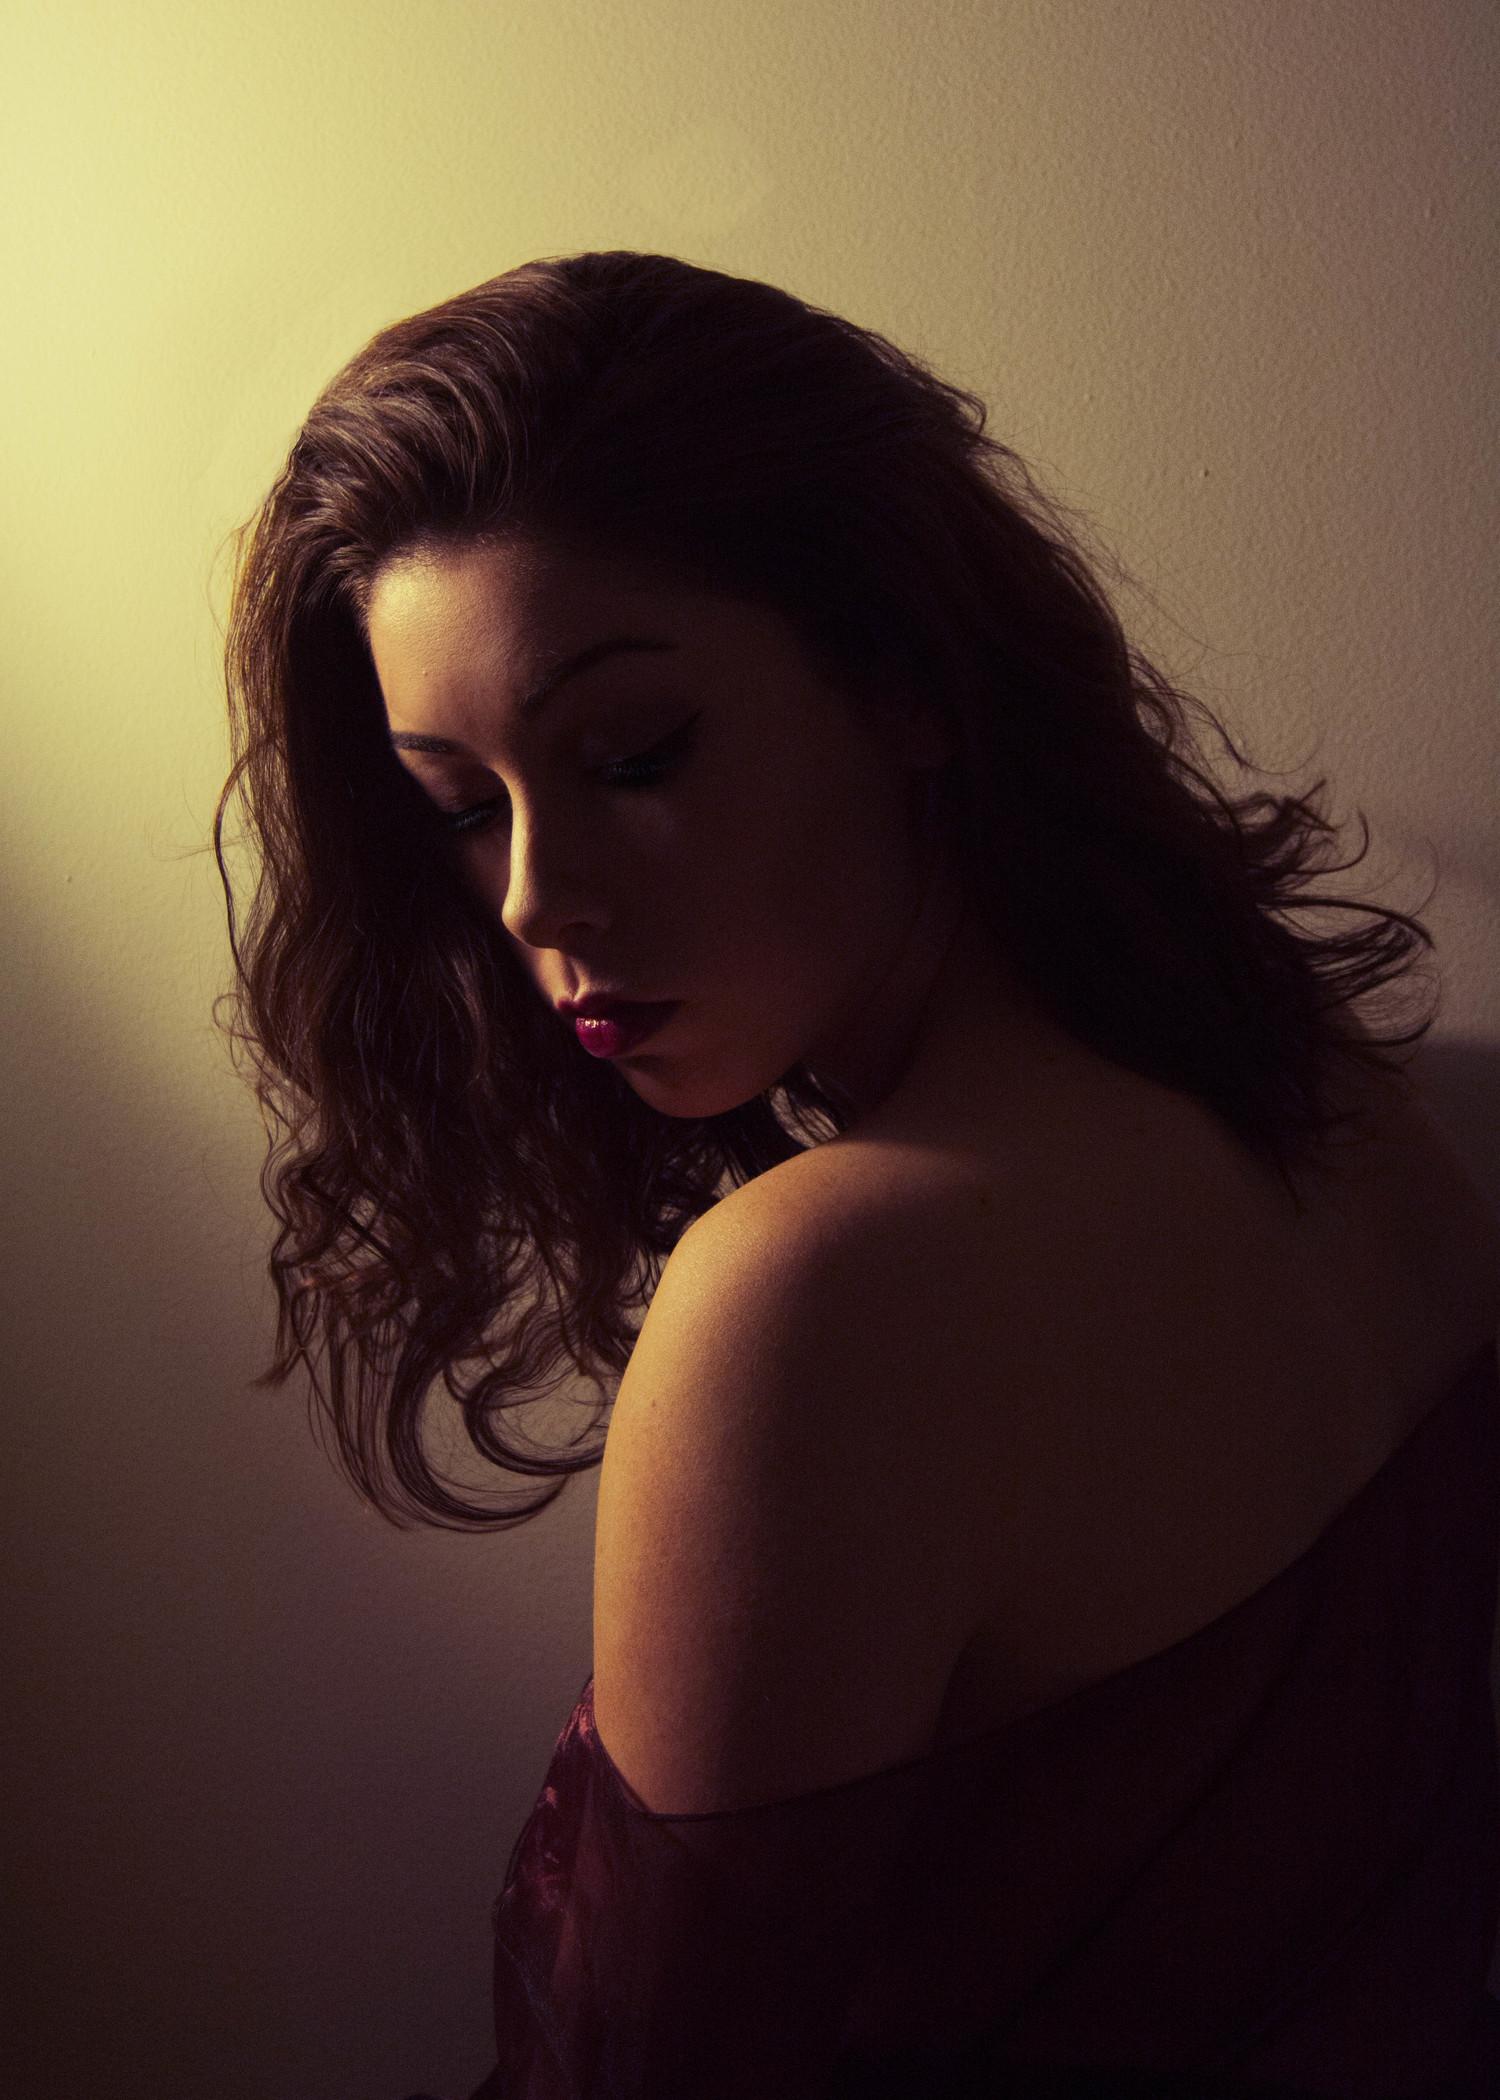 Brandie_Roy-+Self+Portrait+-Noir.jpg